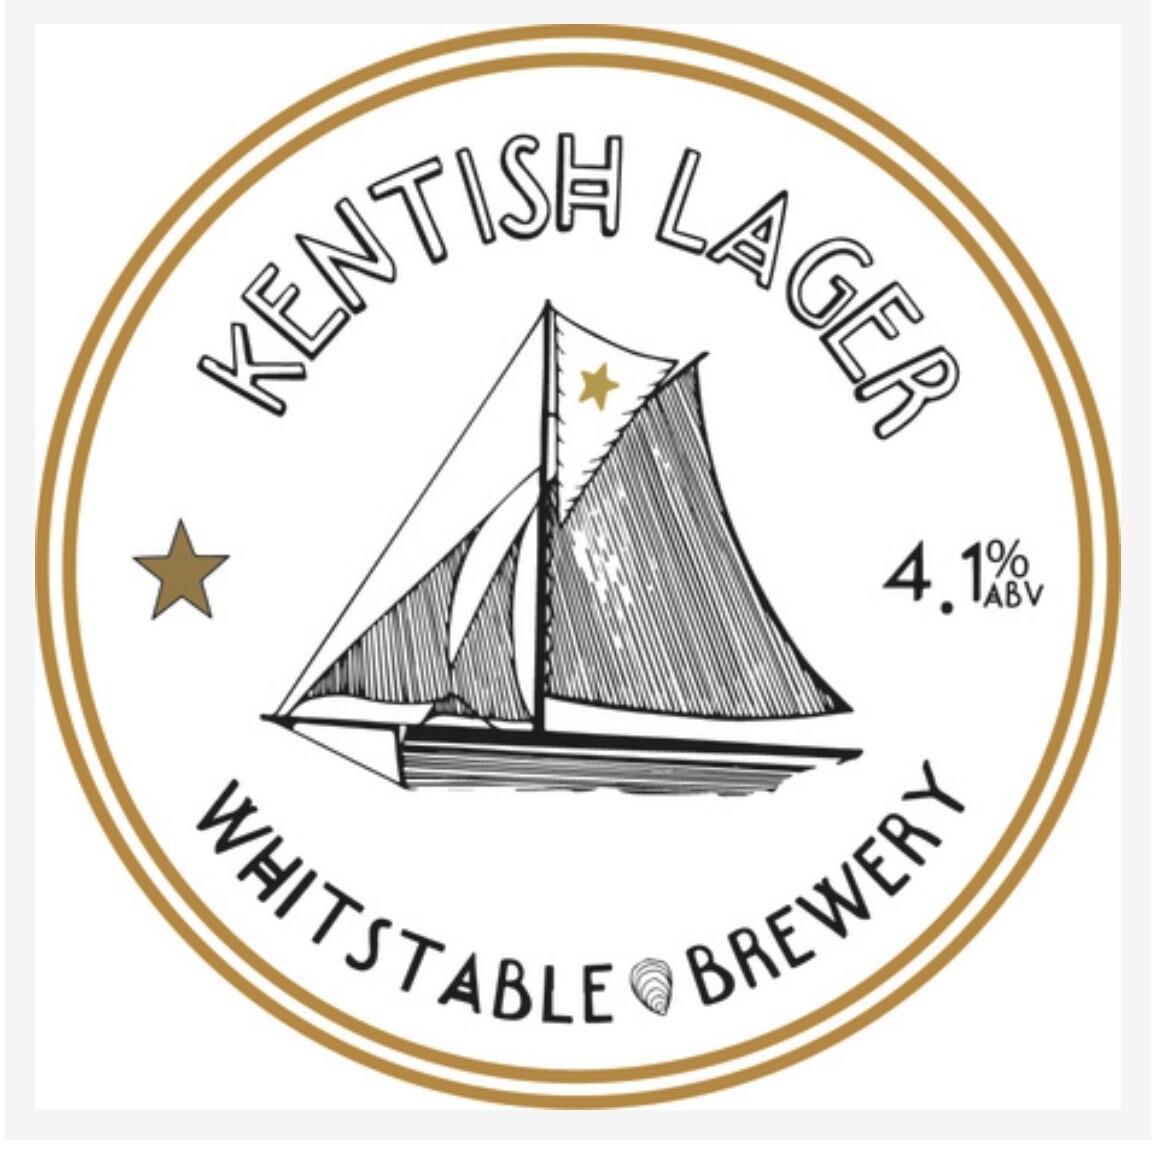 Kentish Lager